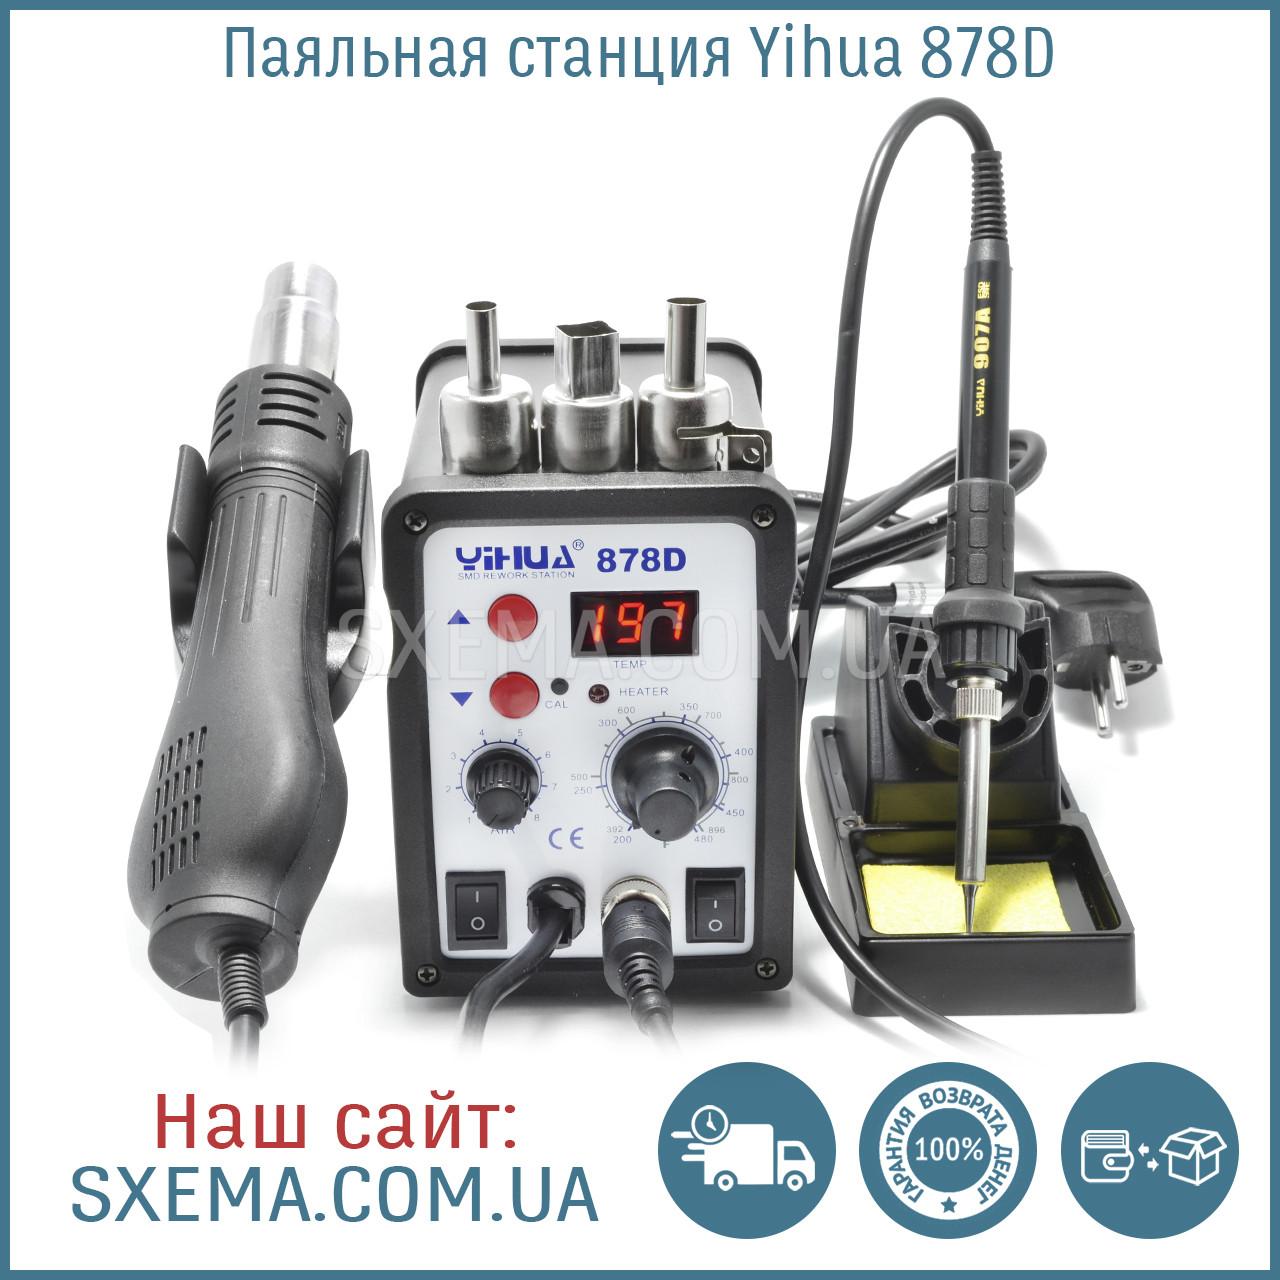 Паяльная станция YIHUA 878D паяльный фен + паяльник турбинная 700 Вт, фото 1